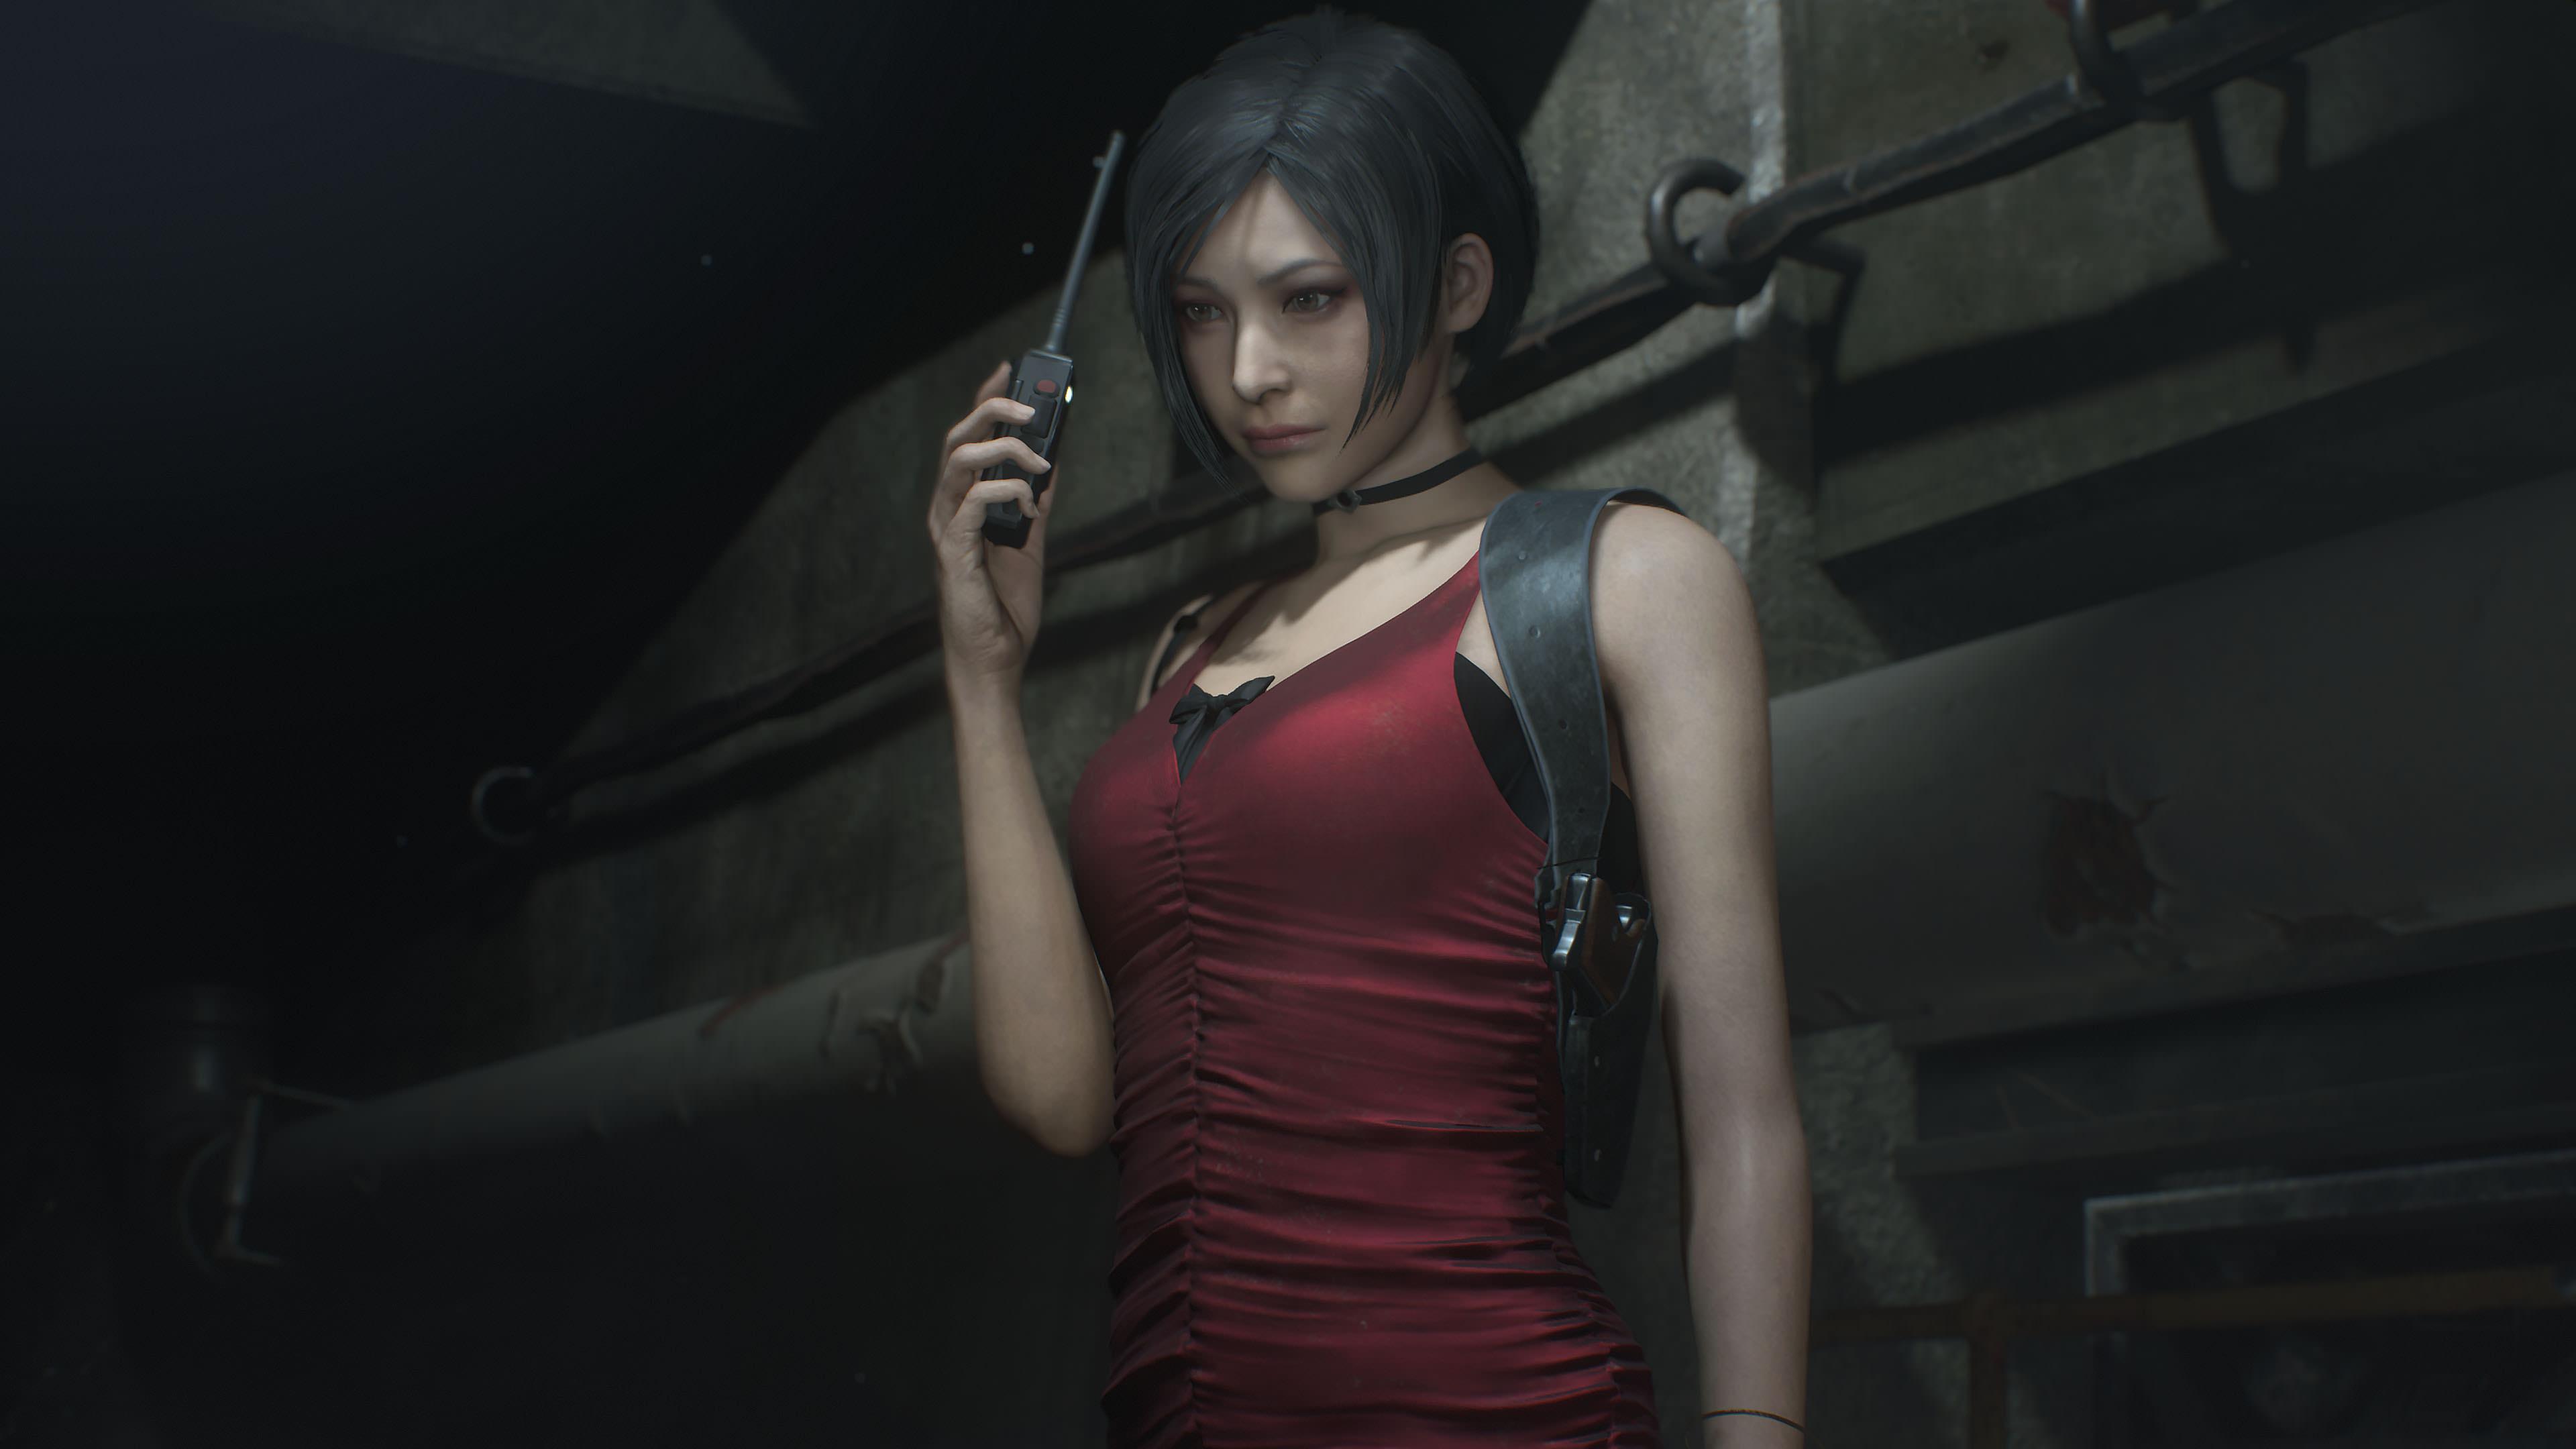 Resident Evil 2 Ada Wong 4k Ultra Hd Wallpaper Resident Evil 2